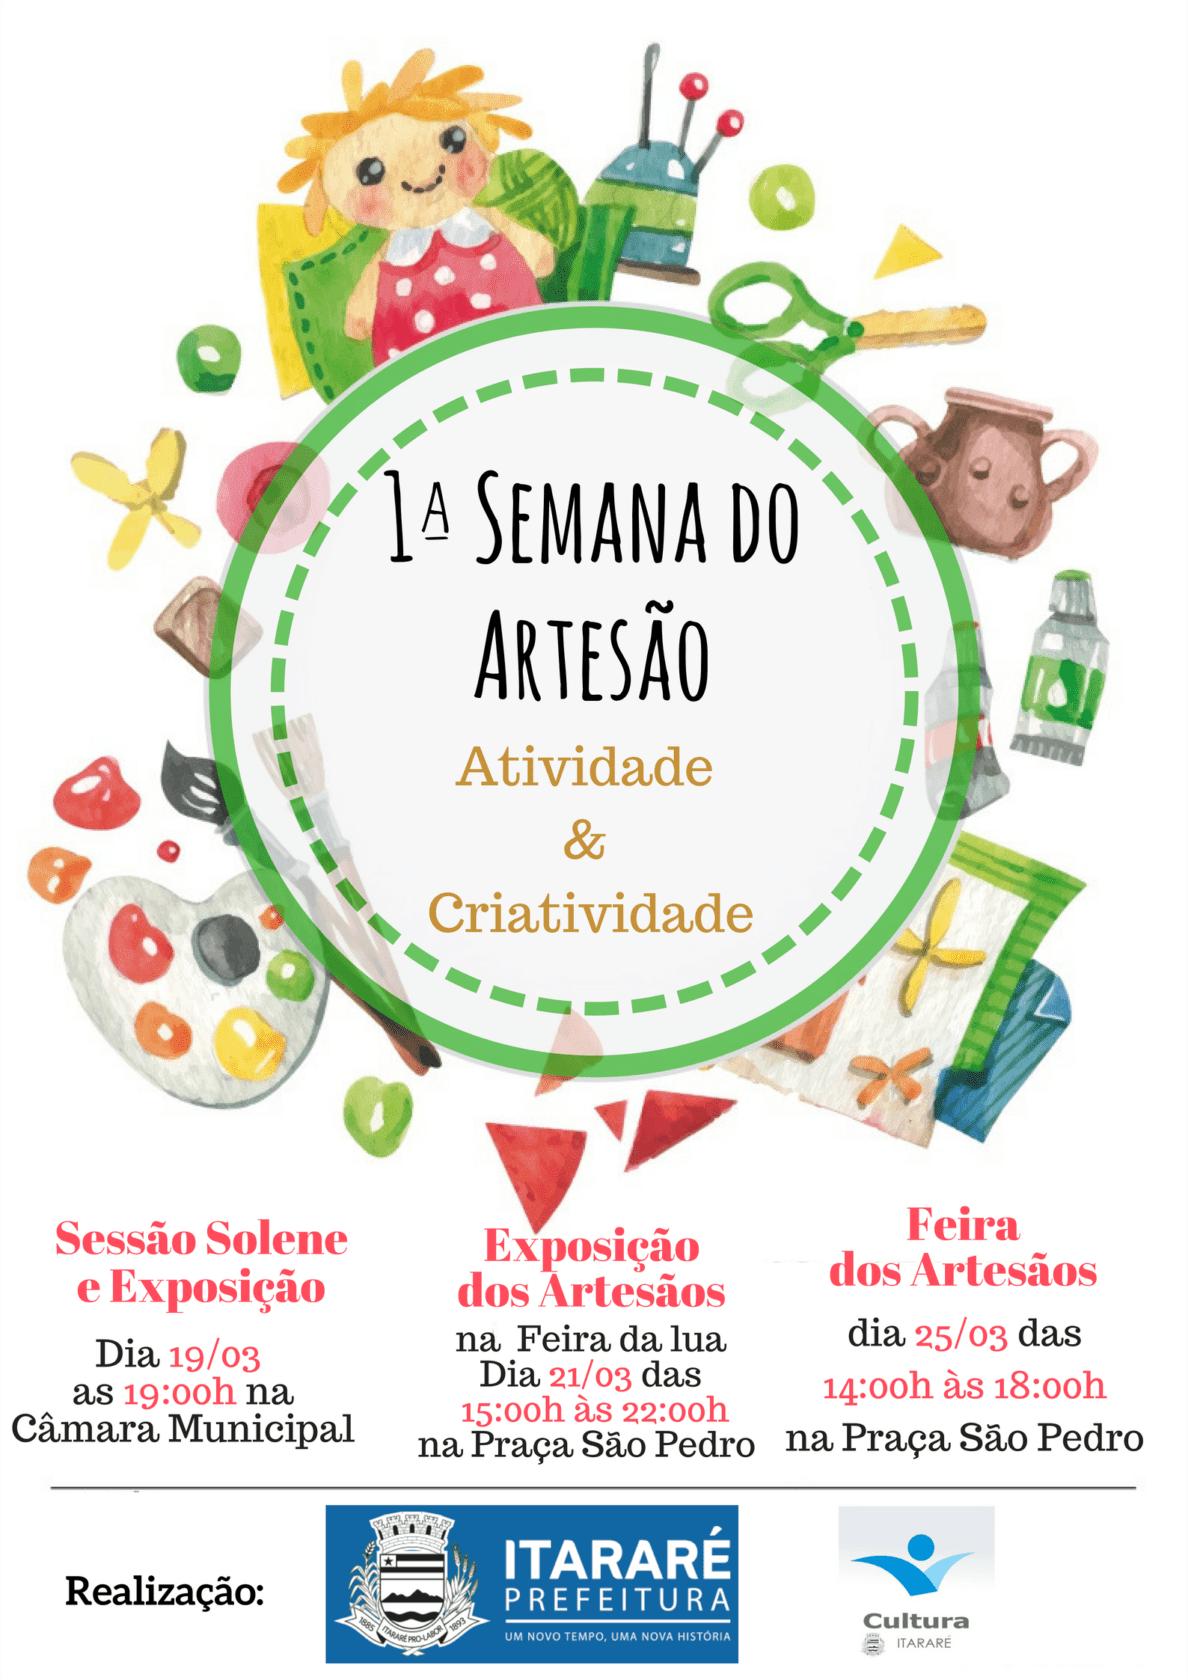 'Semana do Artesão' começa nesta segunda-feira (19) em Itararé (SP)